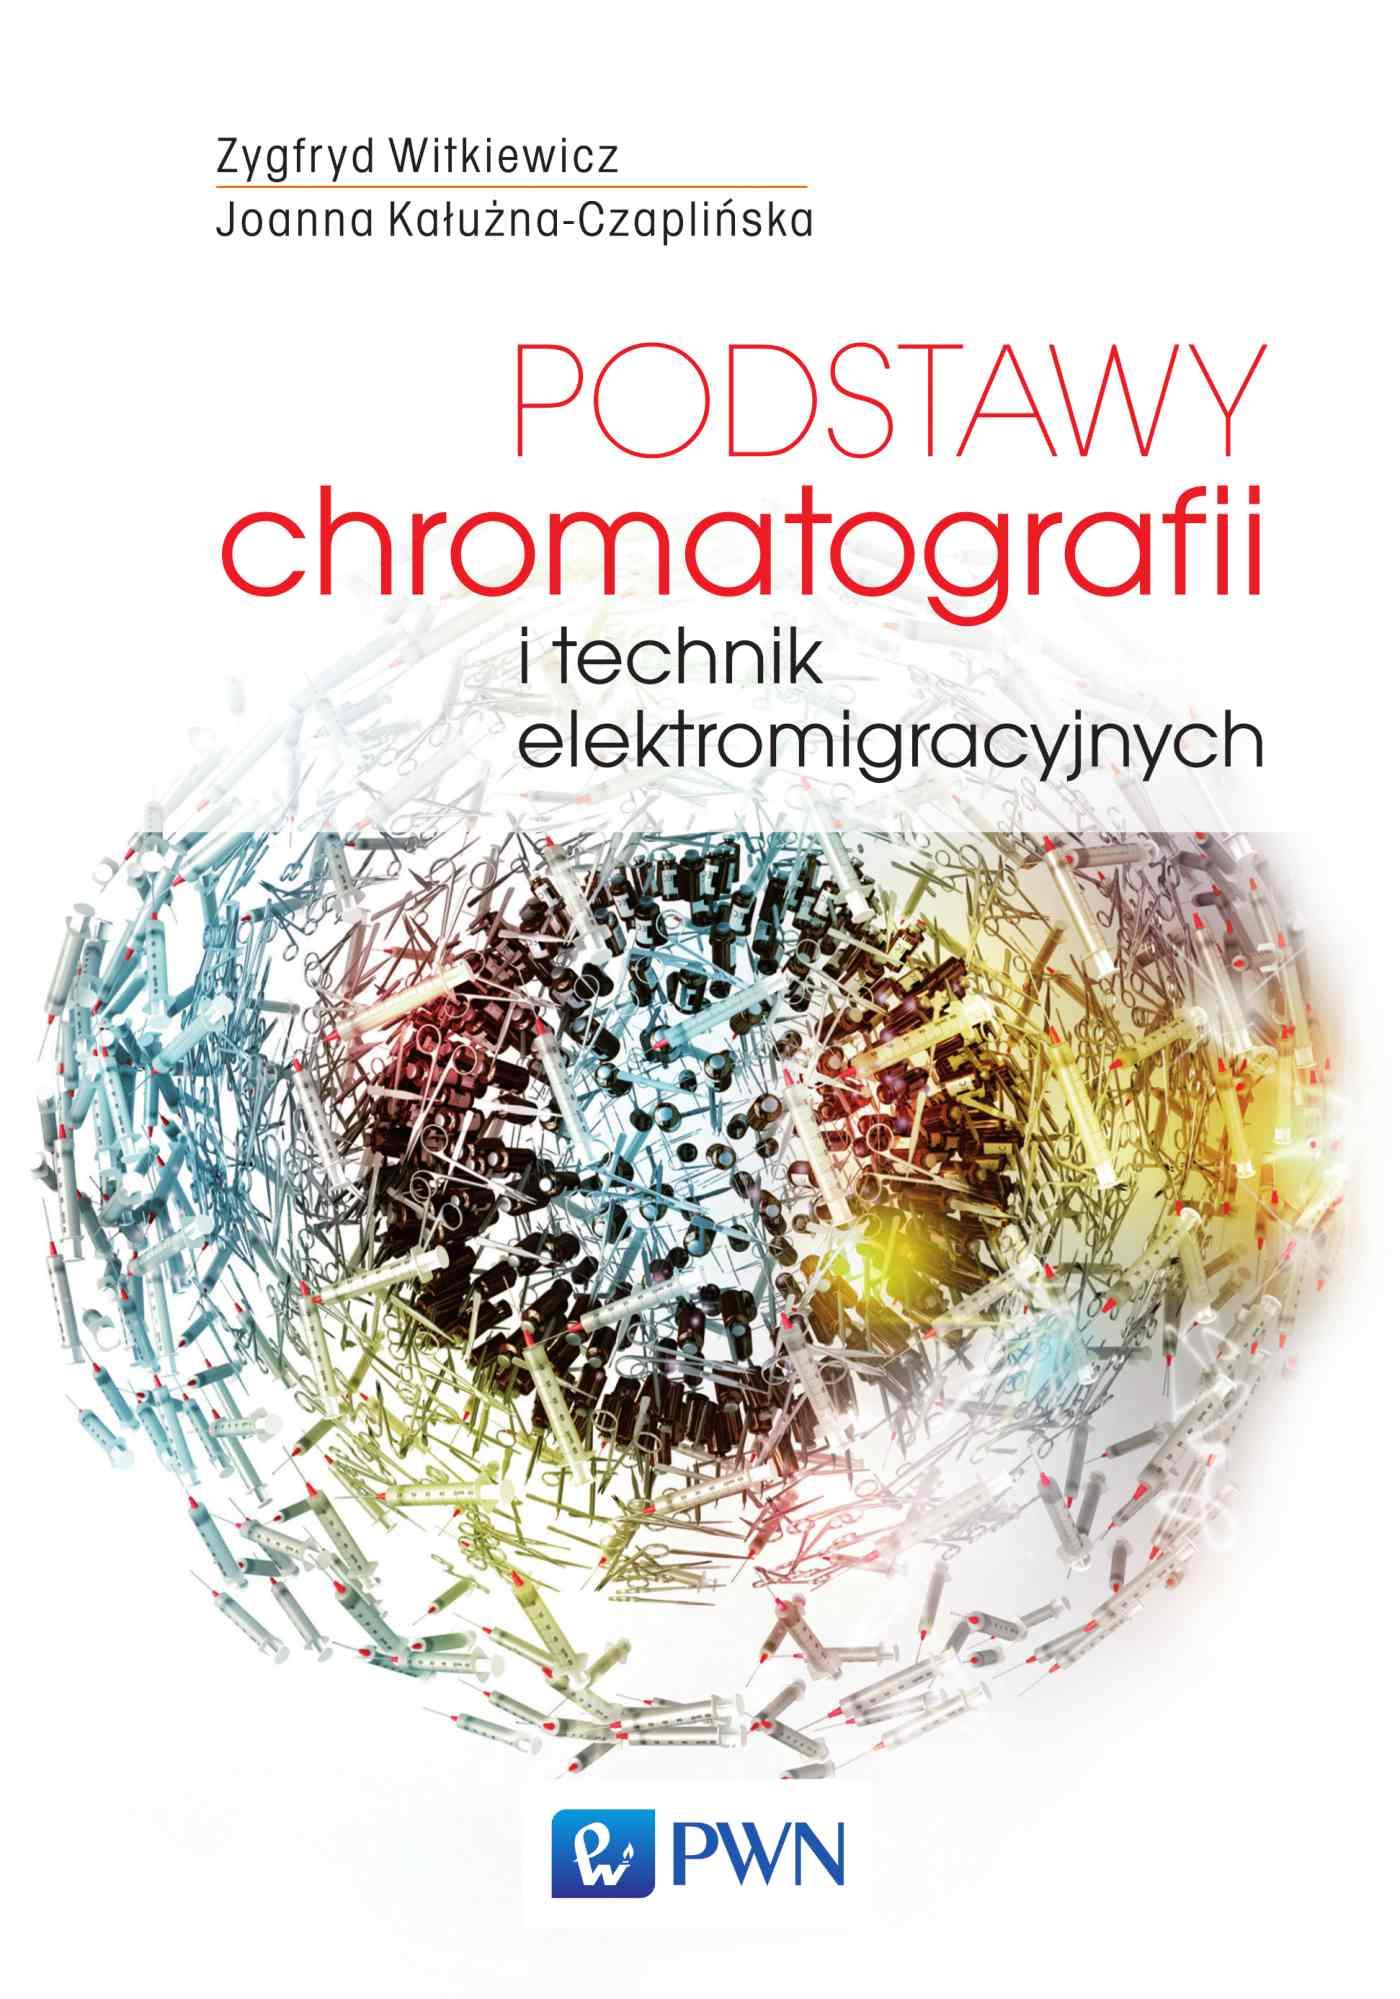 Podstawy chromatografii i technik elektromigracyjnych - Ebook (Książka na Kindle) do pobrania w formacie MOBI